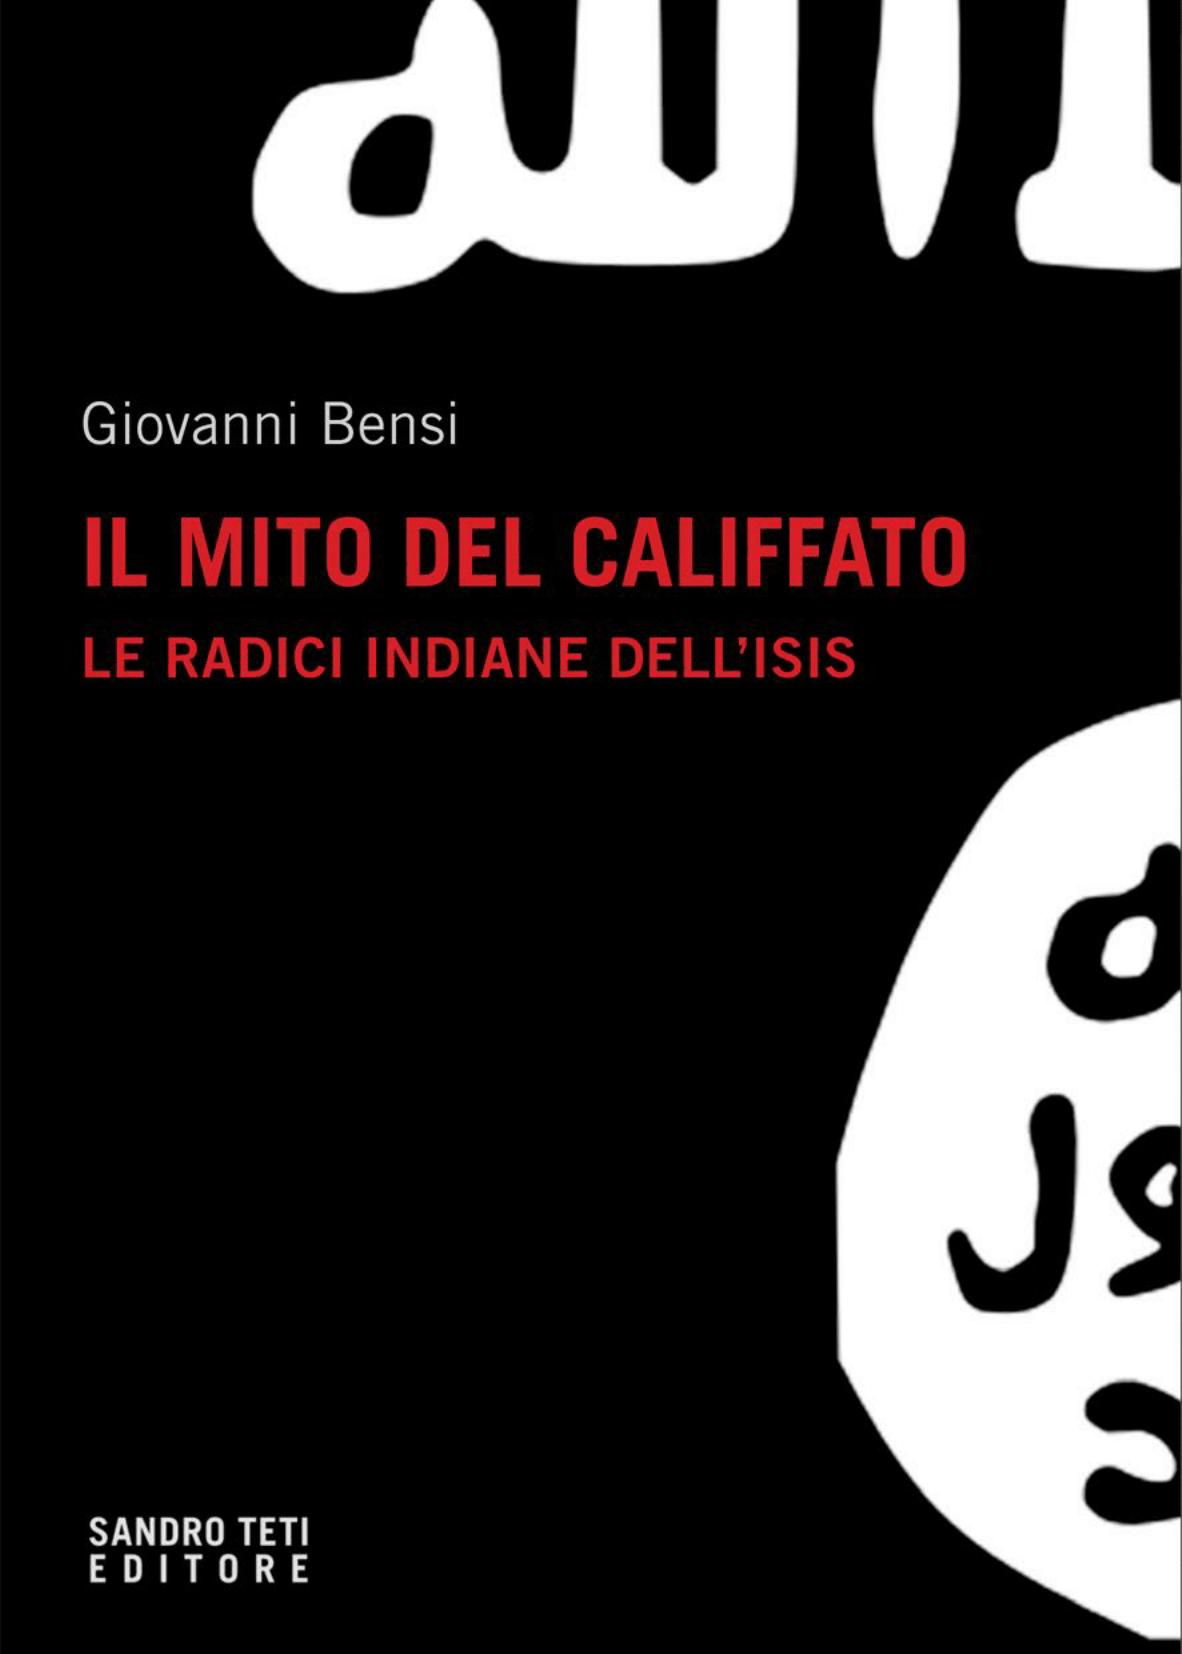 Giovanni BensiIl mito del califfato. Le radici indiane dell'Isis